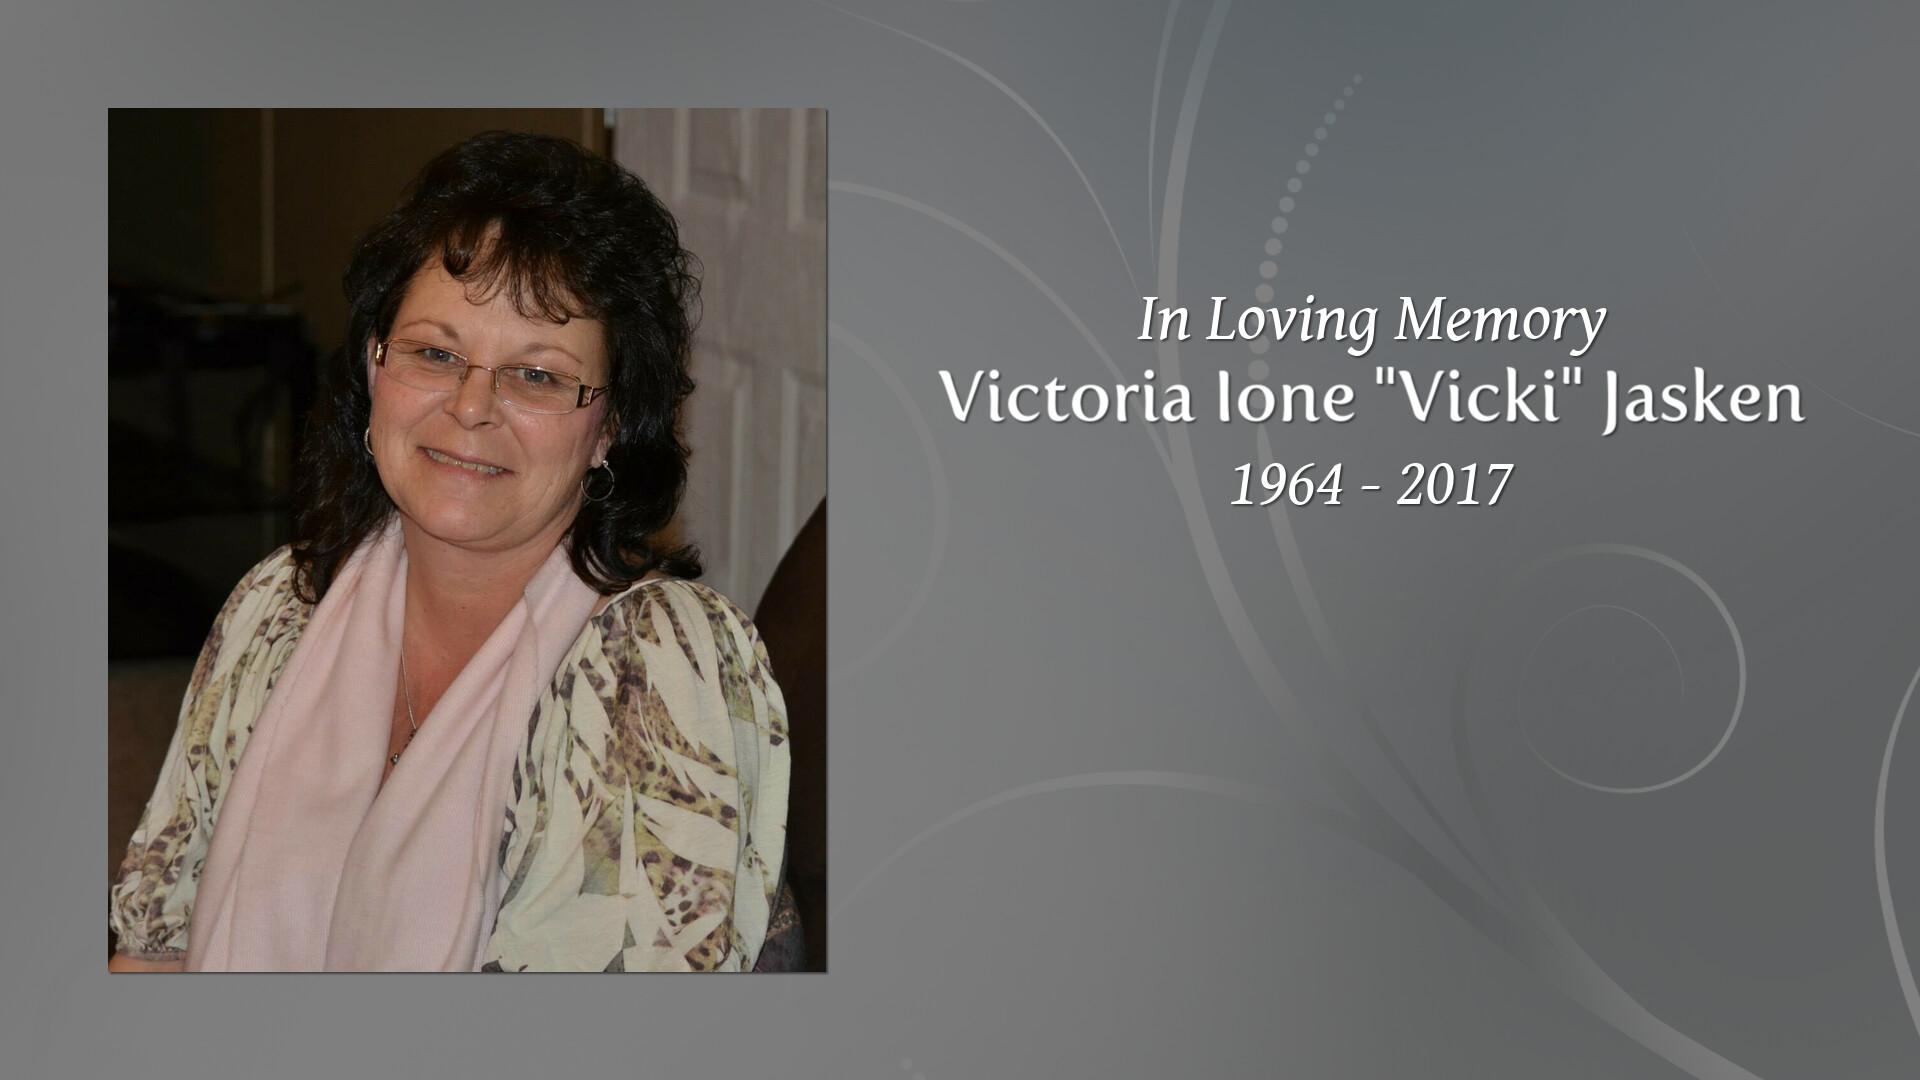 Obituary for Victoria Ione